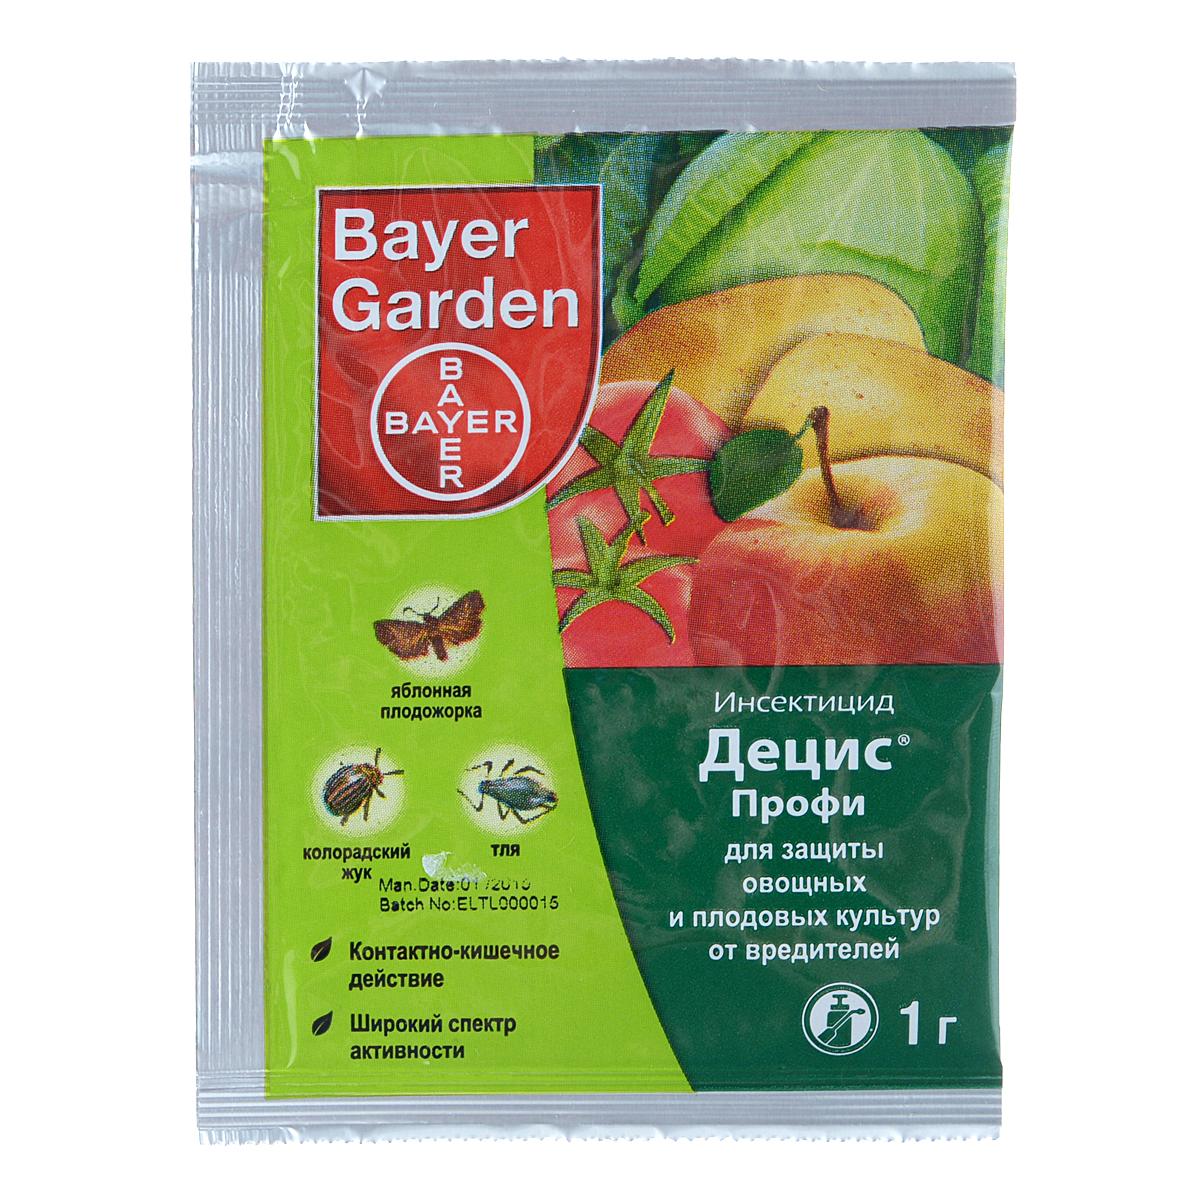 Инсектицид Bayer Garden Децис Профи, для защиты овощных и плодовых культур от вредителей, 1 г11Инсектицид Bayer Garden Децис Профи выполнен в виде водно-диспергируемых гранул и предназначен для защиты овощных и плодовых культур от вредителей. Очень эффективен против колорадского жука на картофеле и томатах, яблонной плодожорки, листовертки, капустной и репной белянки, капустной и подгрызающей совки, блошек, тли. Срок ожидания: 20 дней для картофеля и капусты, 30 дней для других культур.Вес: 1 г.Действующее средство: дельтаметрин.Концентрация: 250 г/кг.